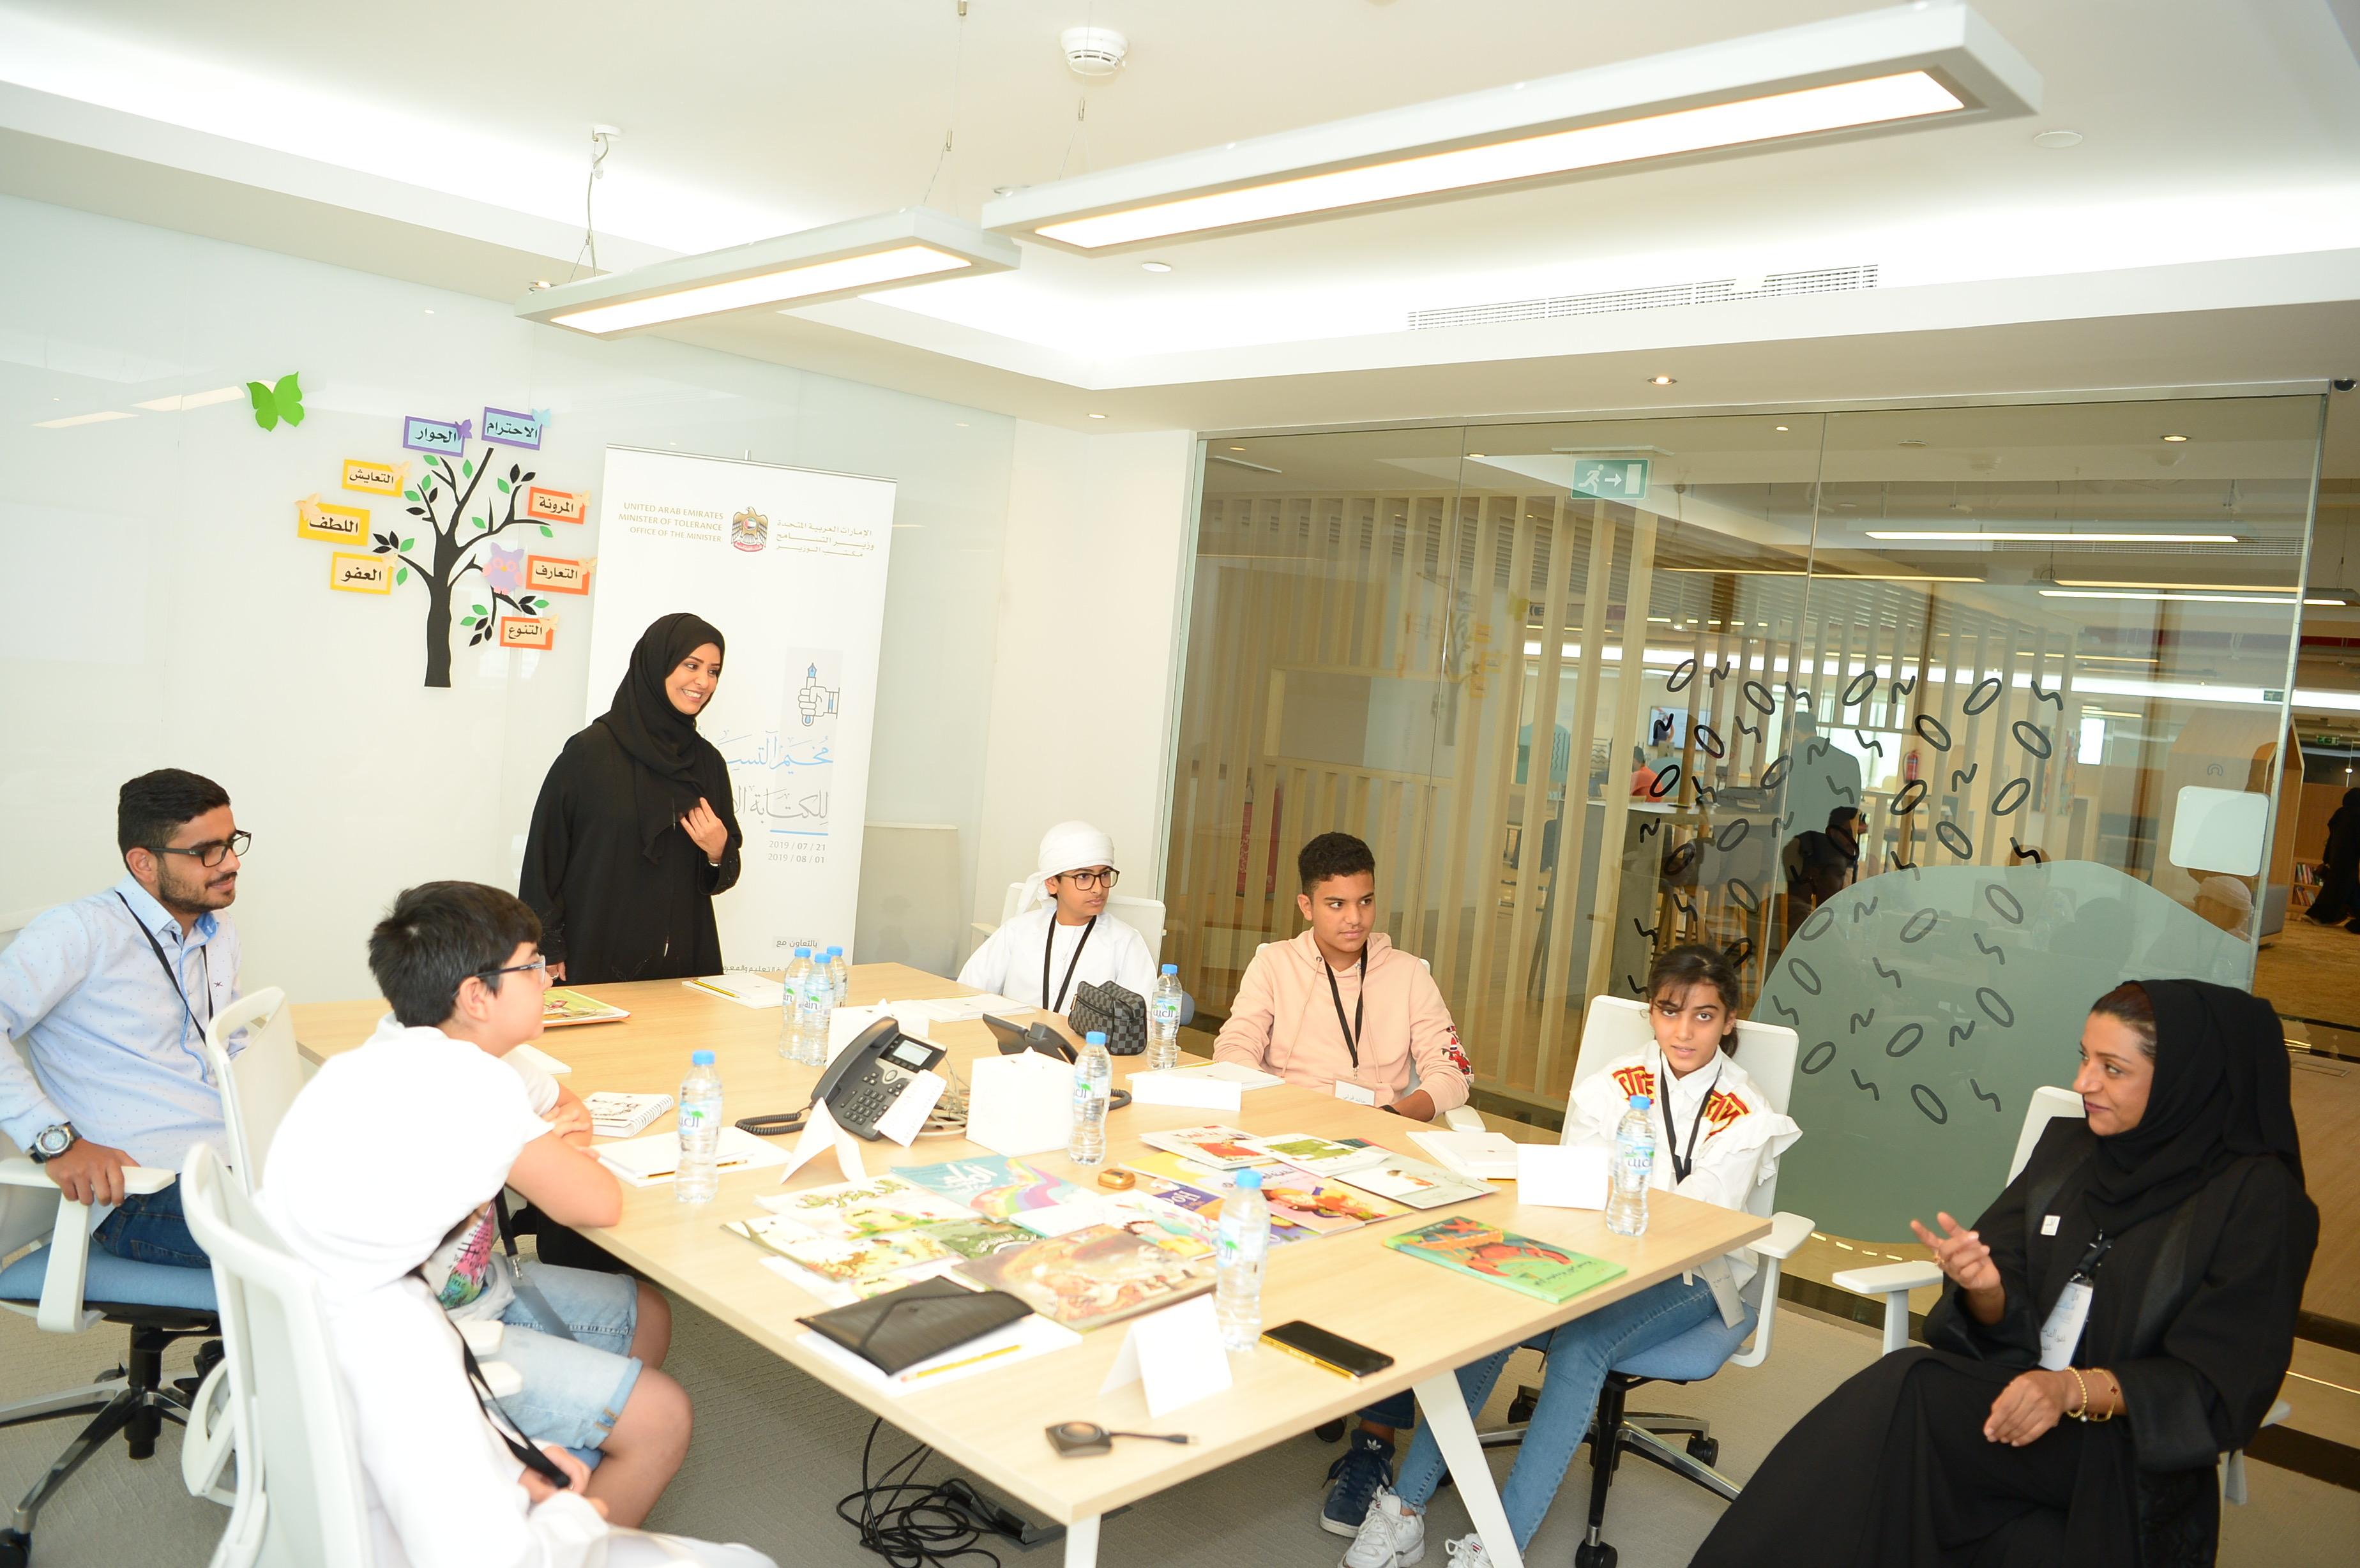 """إطلاق """"مخيم التسامح للكتابة الإبداعية"""" لطلاب المدارس بأبو ظبي"""